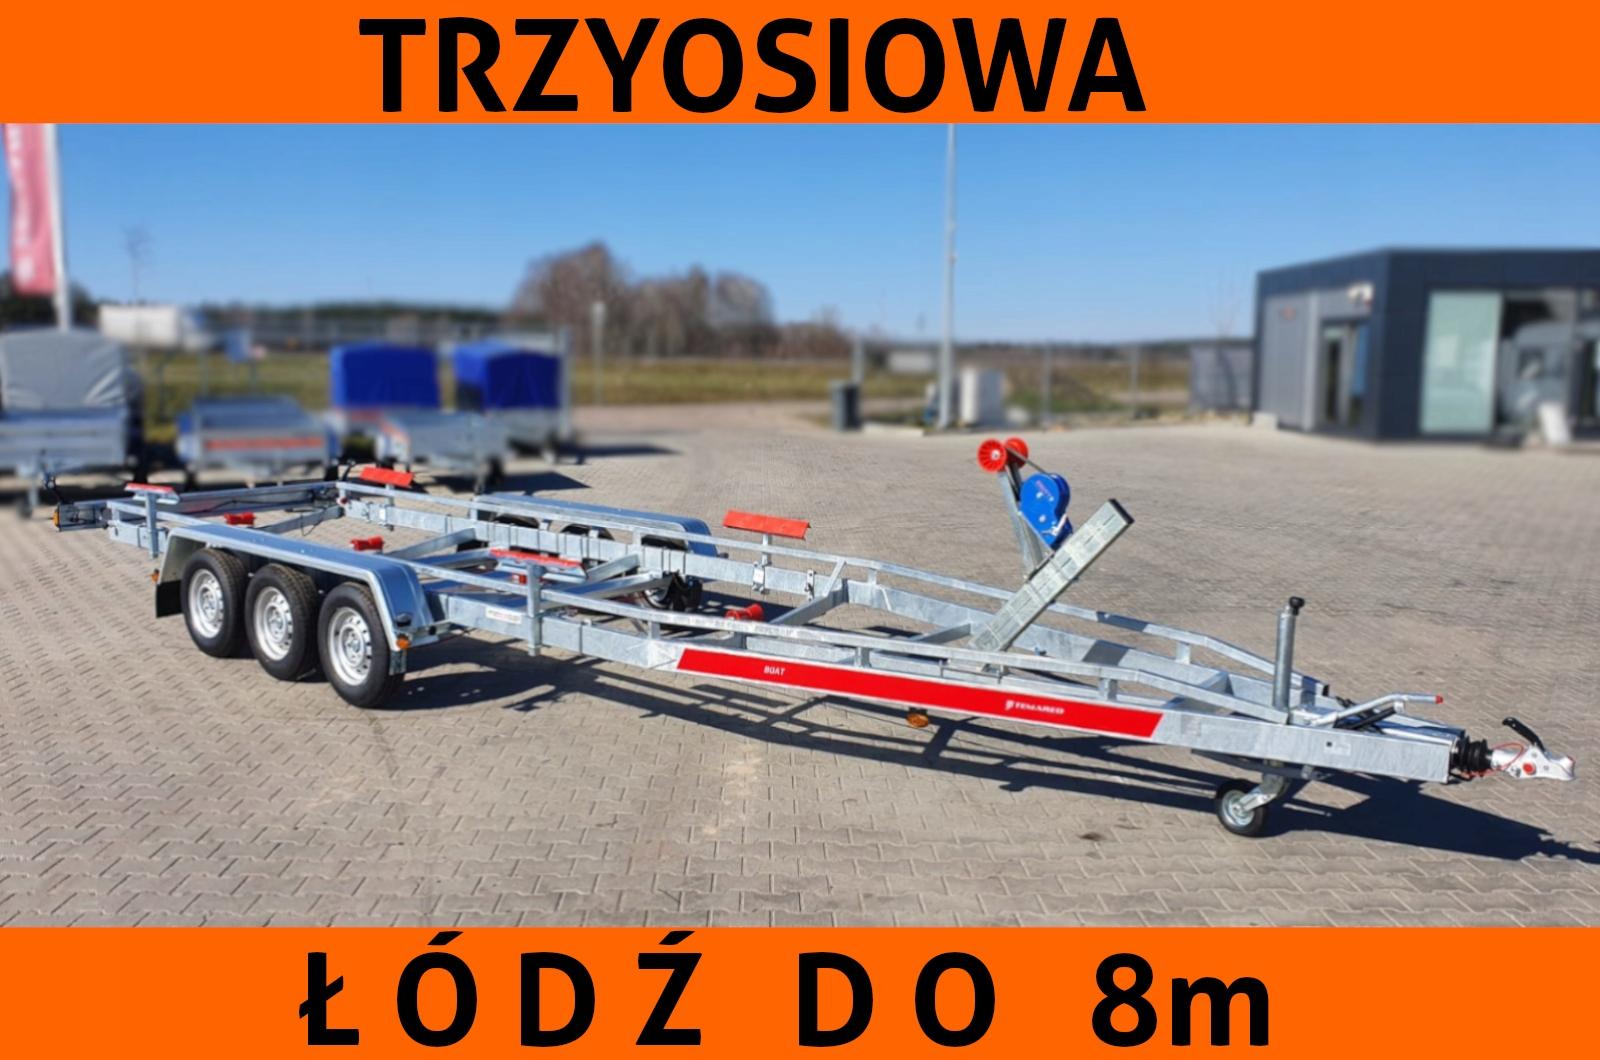 Temared Przyczepa Podlodziowa Pod Lodz 8m 3 Osie 7870791923 Allegro Pl